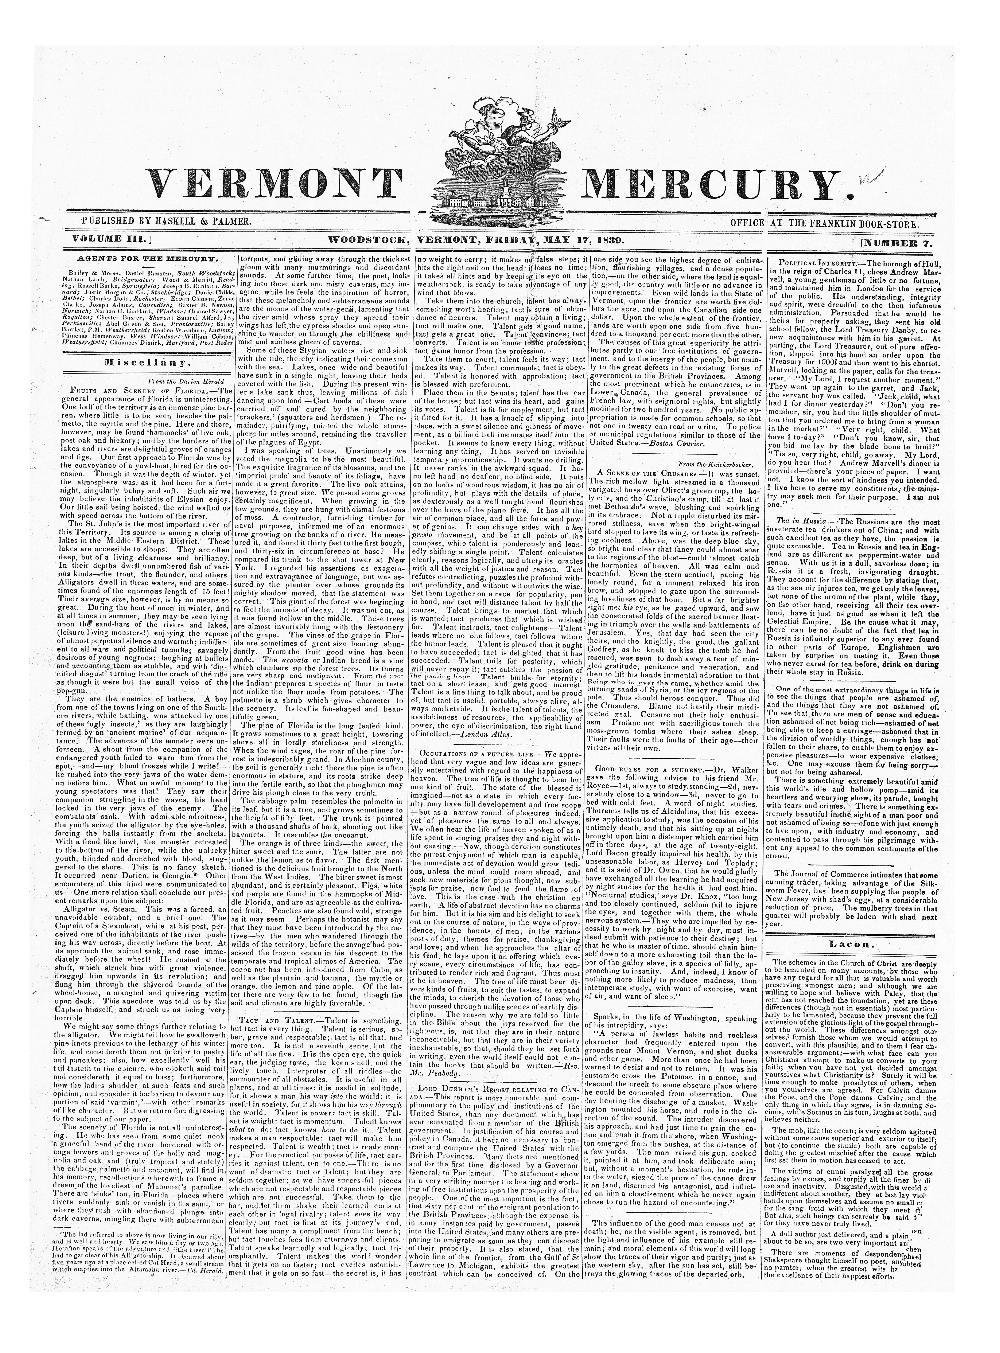 Vermont Mercury - page 1